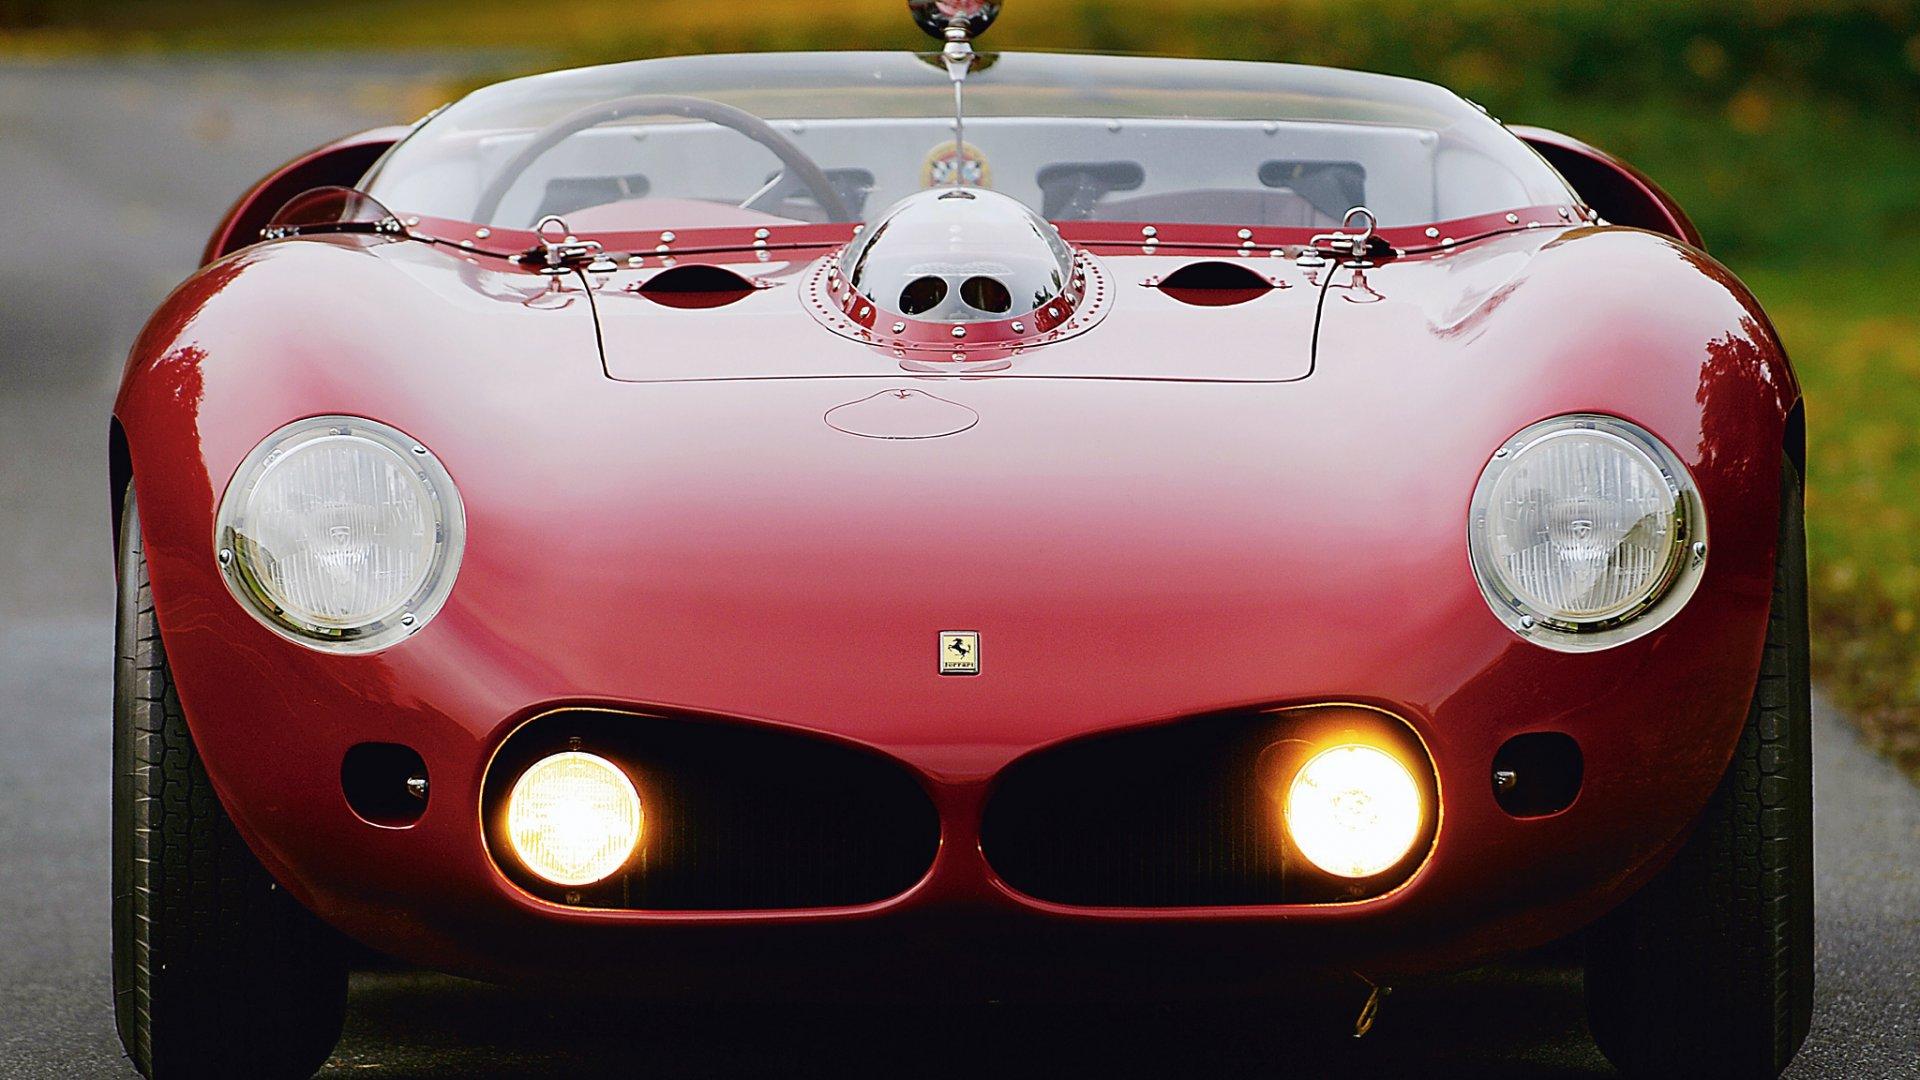 T 252 M Zamanların En G 252 Zel Klasik Arabaları Rooteto